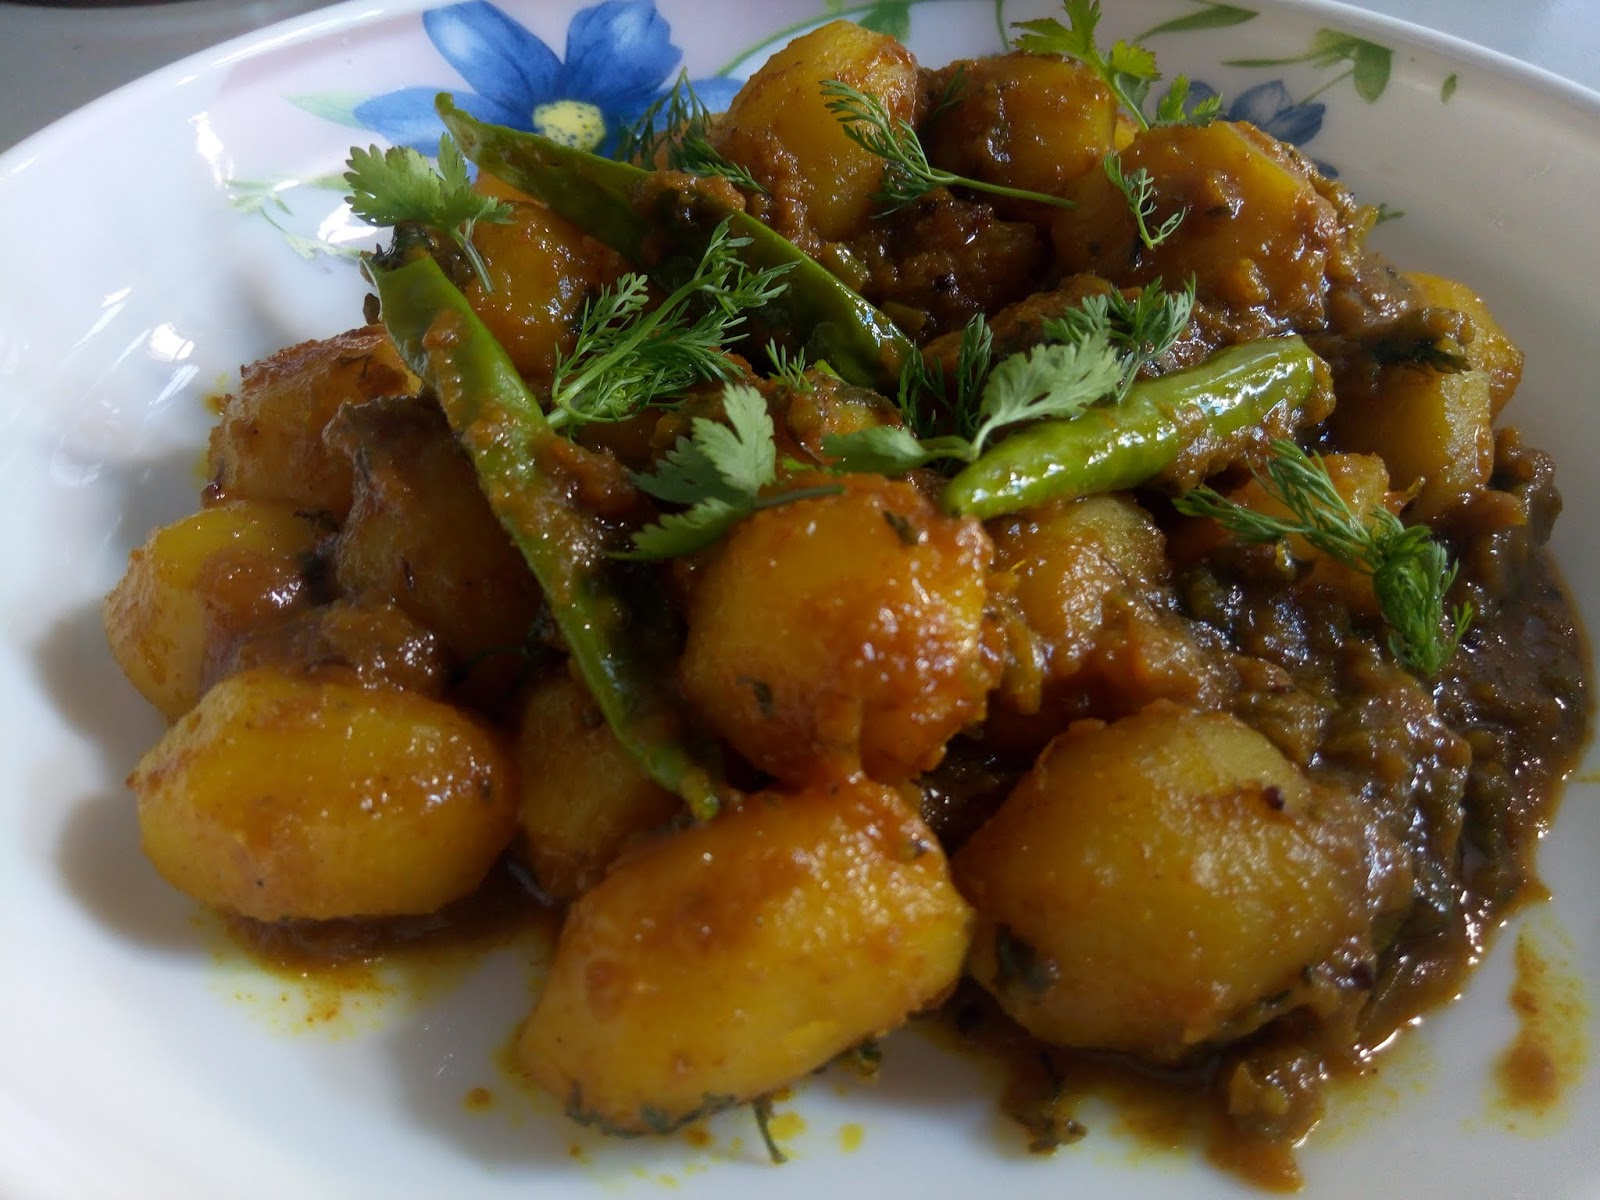 kashmiri dum aloo recipe in hindi, kashmiri dum aloo restaurant style, stuffed kashmiri dum aloo recipe, kashmiri aloo dum bengali recipe, dum aloo dry, easy dum aloo recipe, white kashmiri aloo dum recipe, dum aloo punjabi recipe